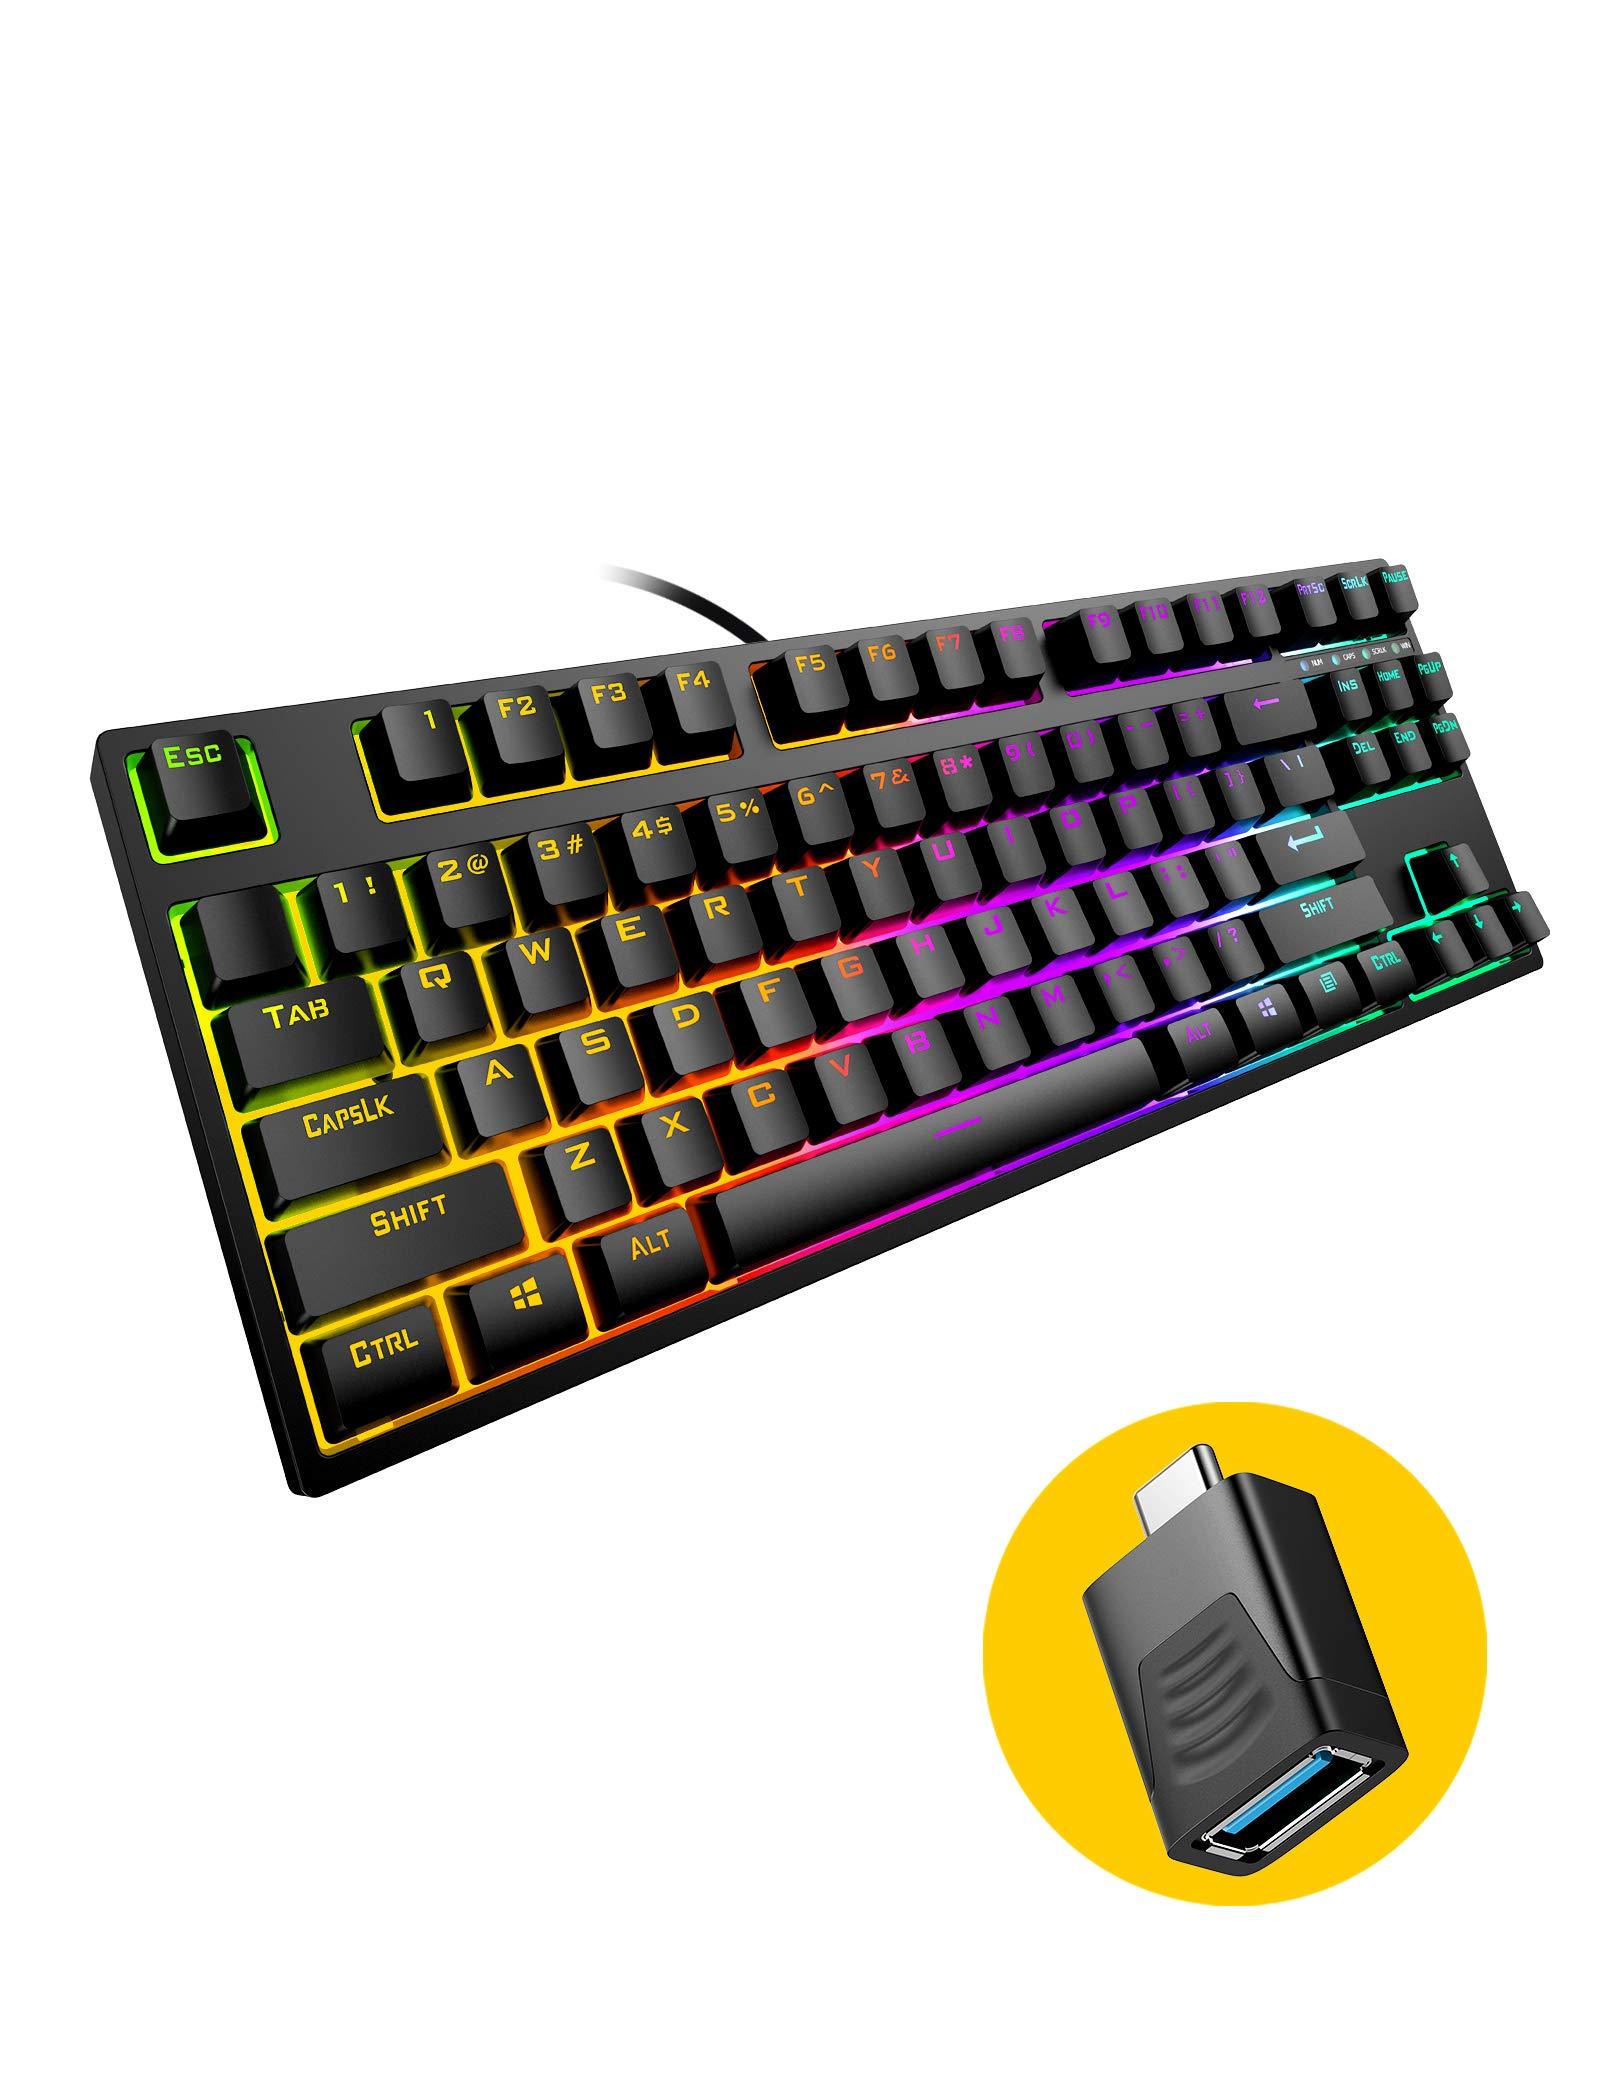 Mechanical RGB Gaming Keyboard,Hiwings Hi100 87 KeysUSB Wired Gamer Keyboard, 18 RGB LED Rainbow Backlight, with Windows, Linux &Mac (Black, Extra OTG)